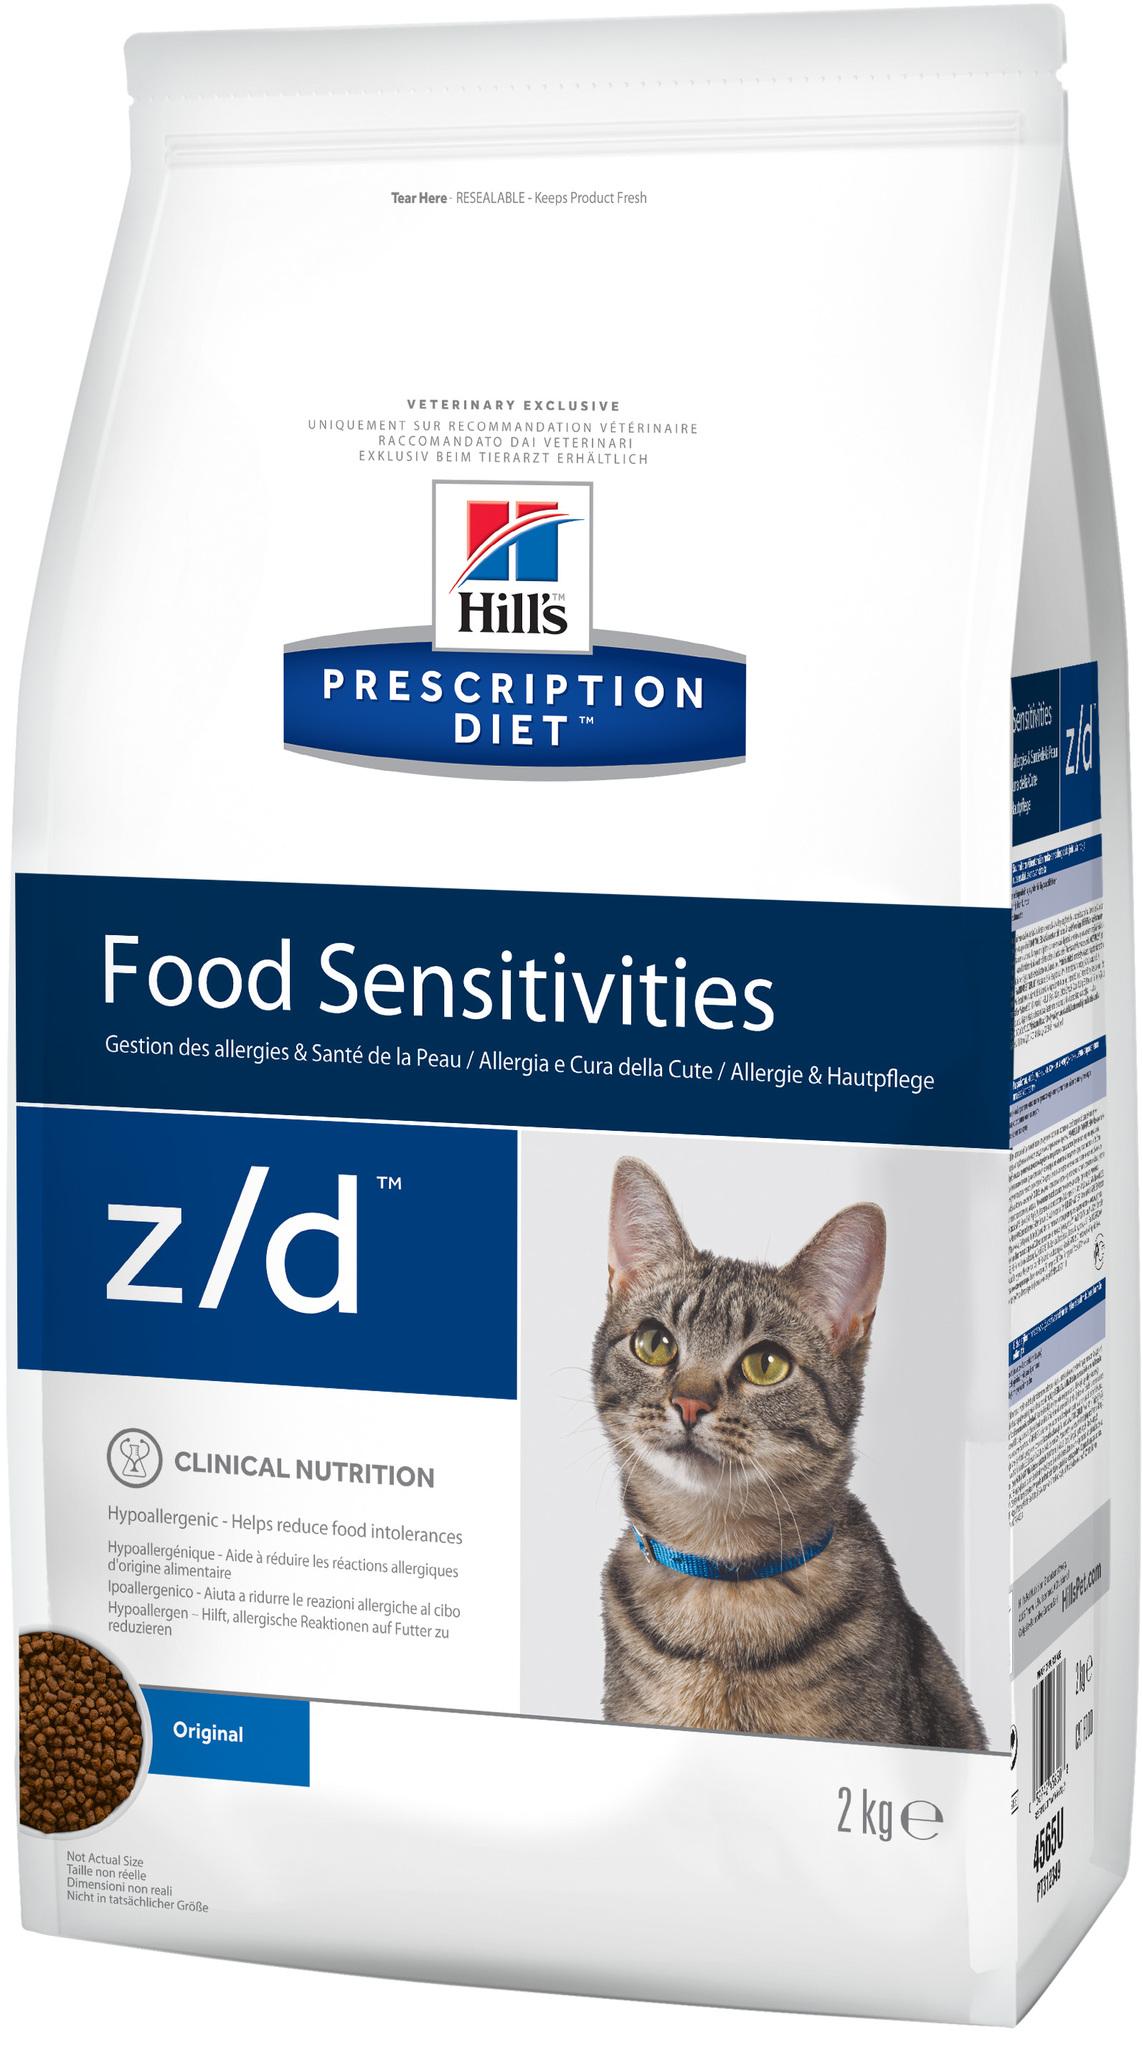 купить хиллс Hill's™ Prescription Diet™ Feline z/d™ Food Sensitivities сухой корм для взрослых кошек, диетический рацион при пищевых аллергиях 2 кг процент белка